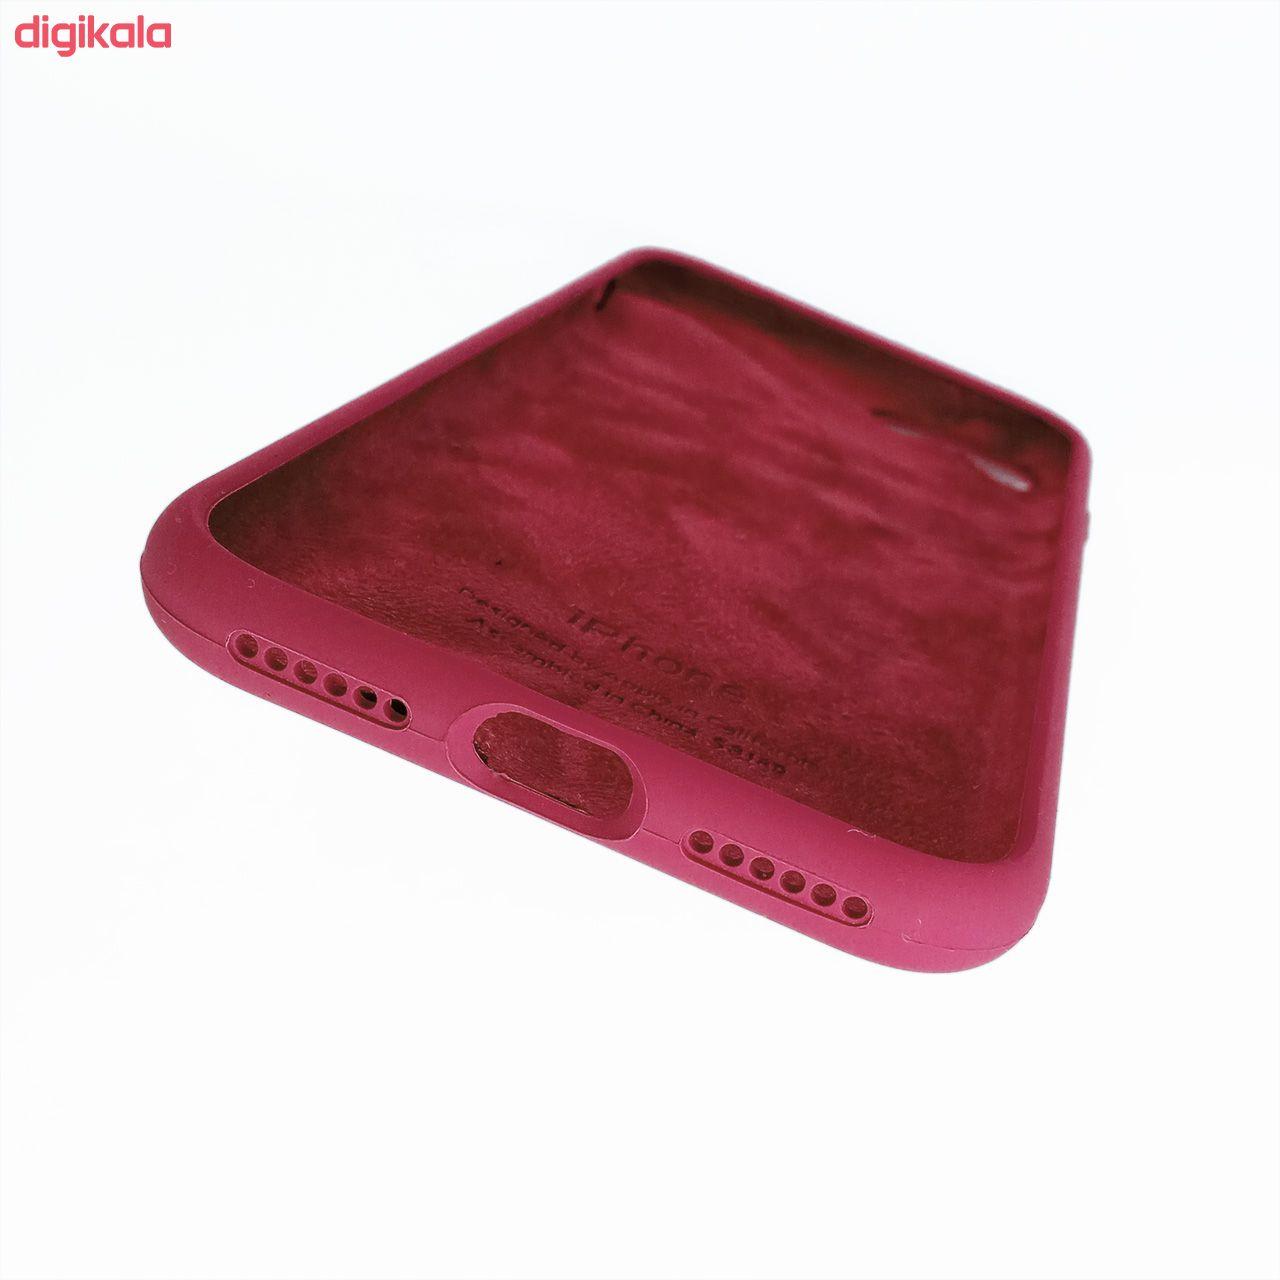 کاور وی کیس مدل Si01 مناسب برای گوشی موبایل اپل iPhone 11 main 1 5